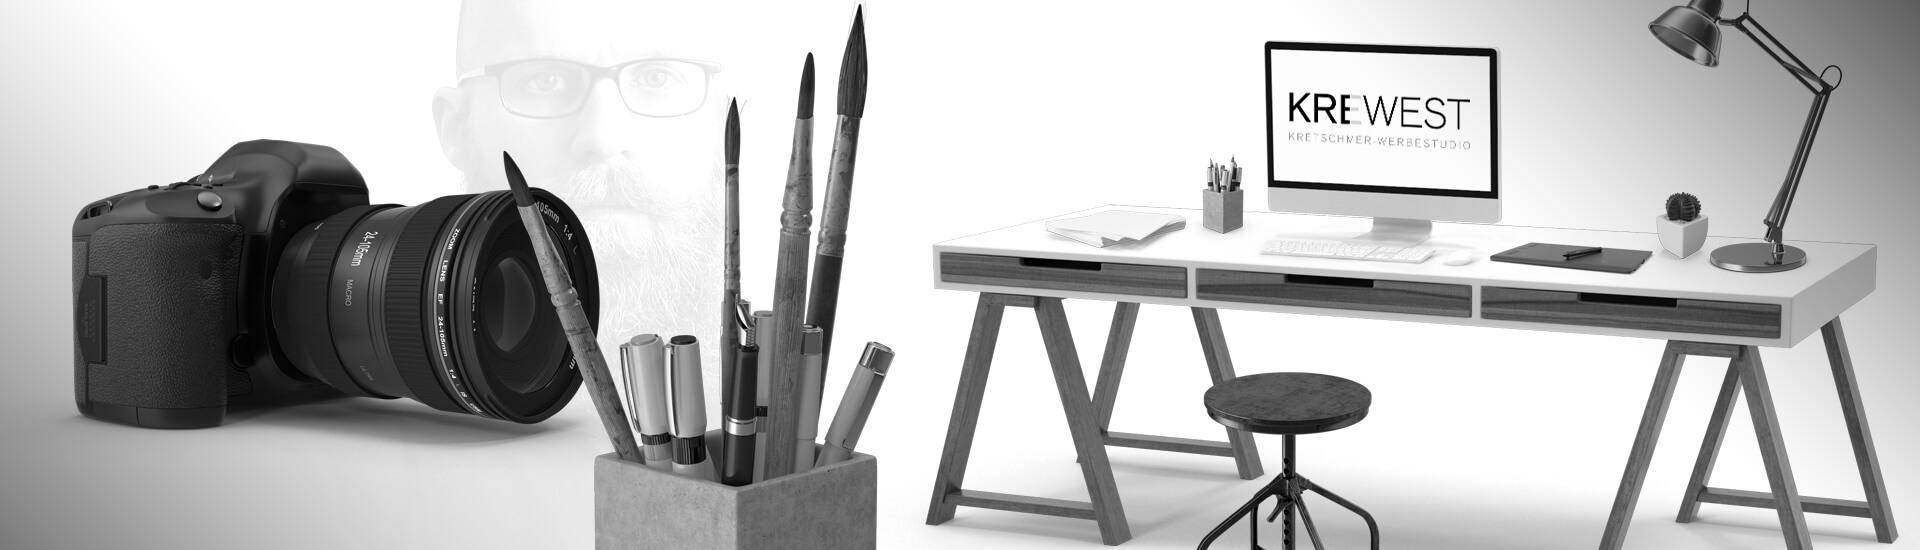 werbeagentur in minden krewest kretschmer werbestudio. Black Bedroom Furniture Sets. Home Design Ideas